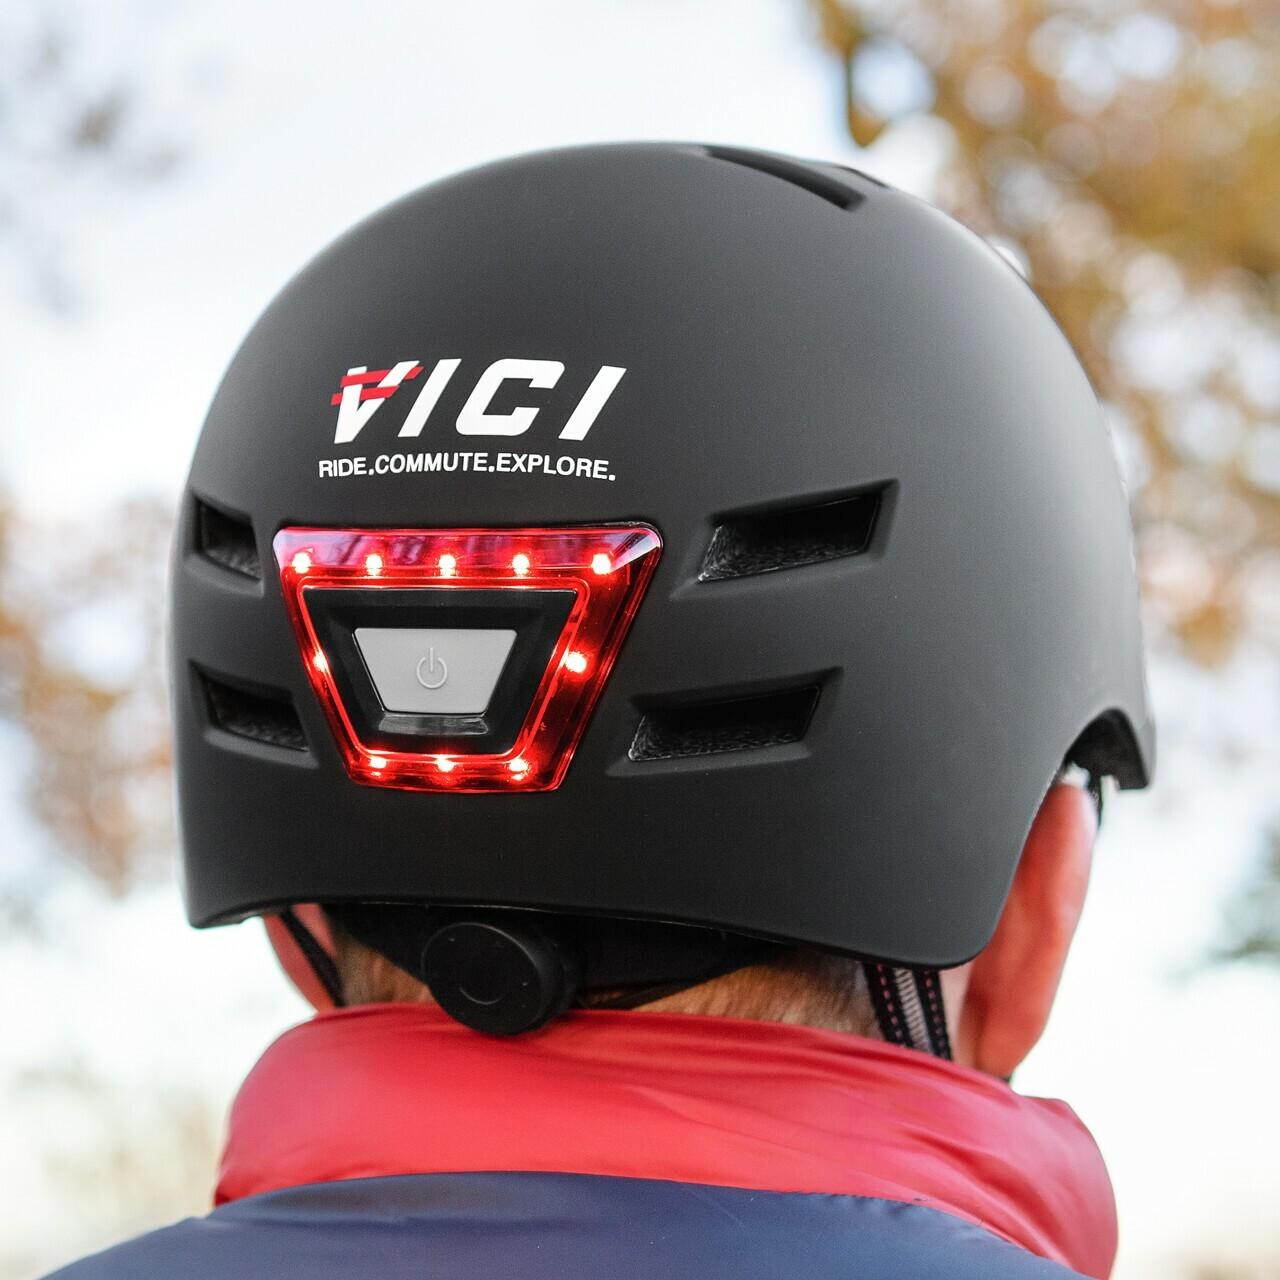 Helmet with lights